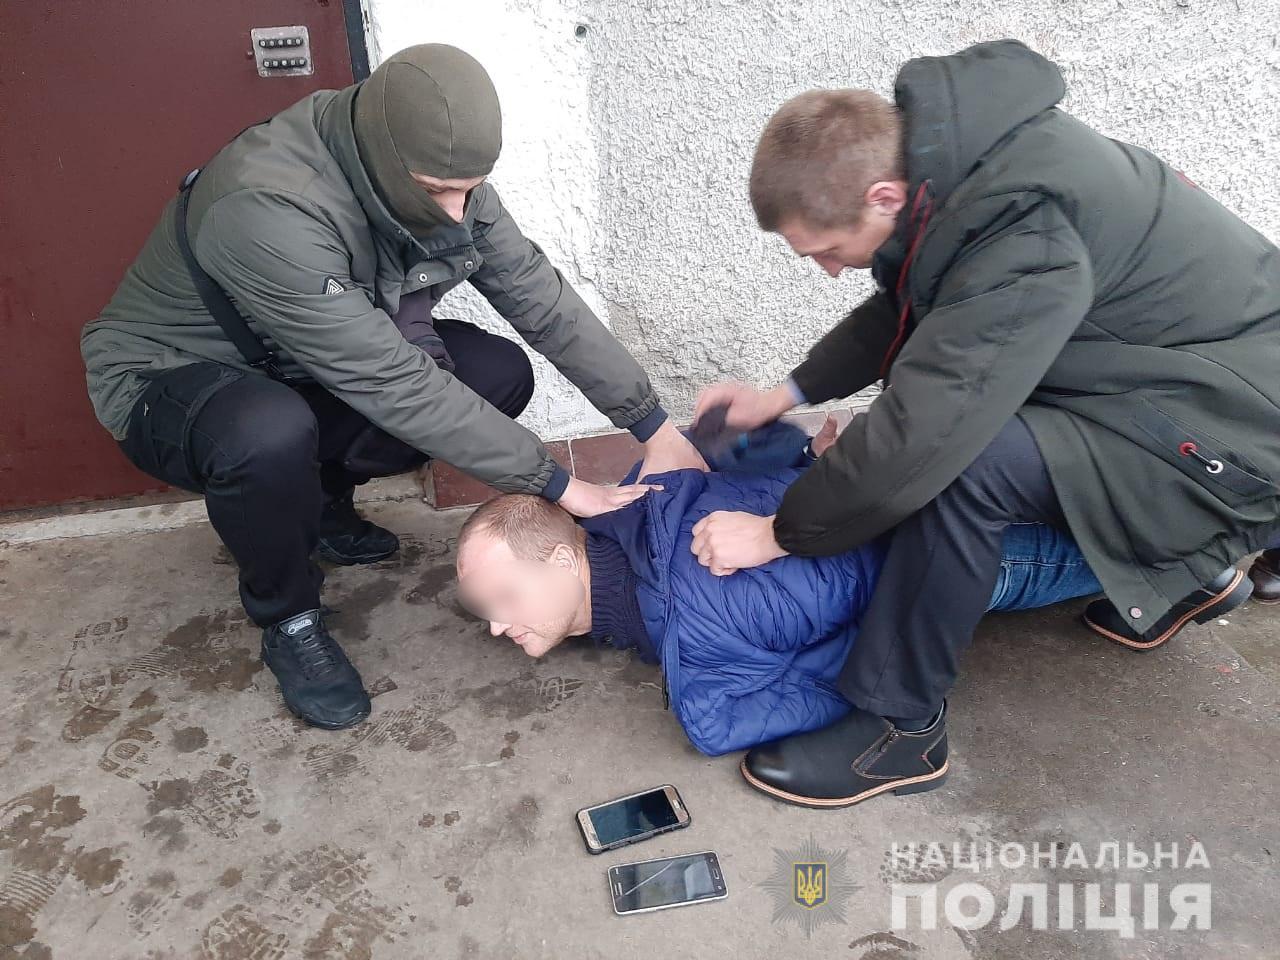 """Затримали кримінального злодія з Кагарлика на прізвисько """"Лощ"""", який був у розшуку упродовж двох років -  - kagarlykzlodyaij1"""